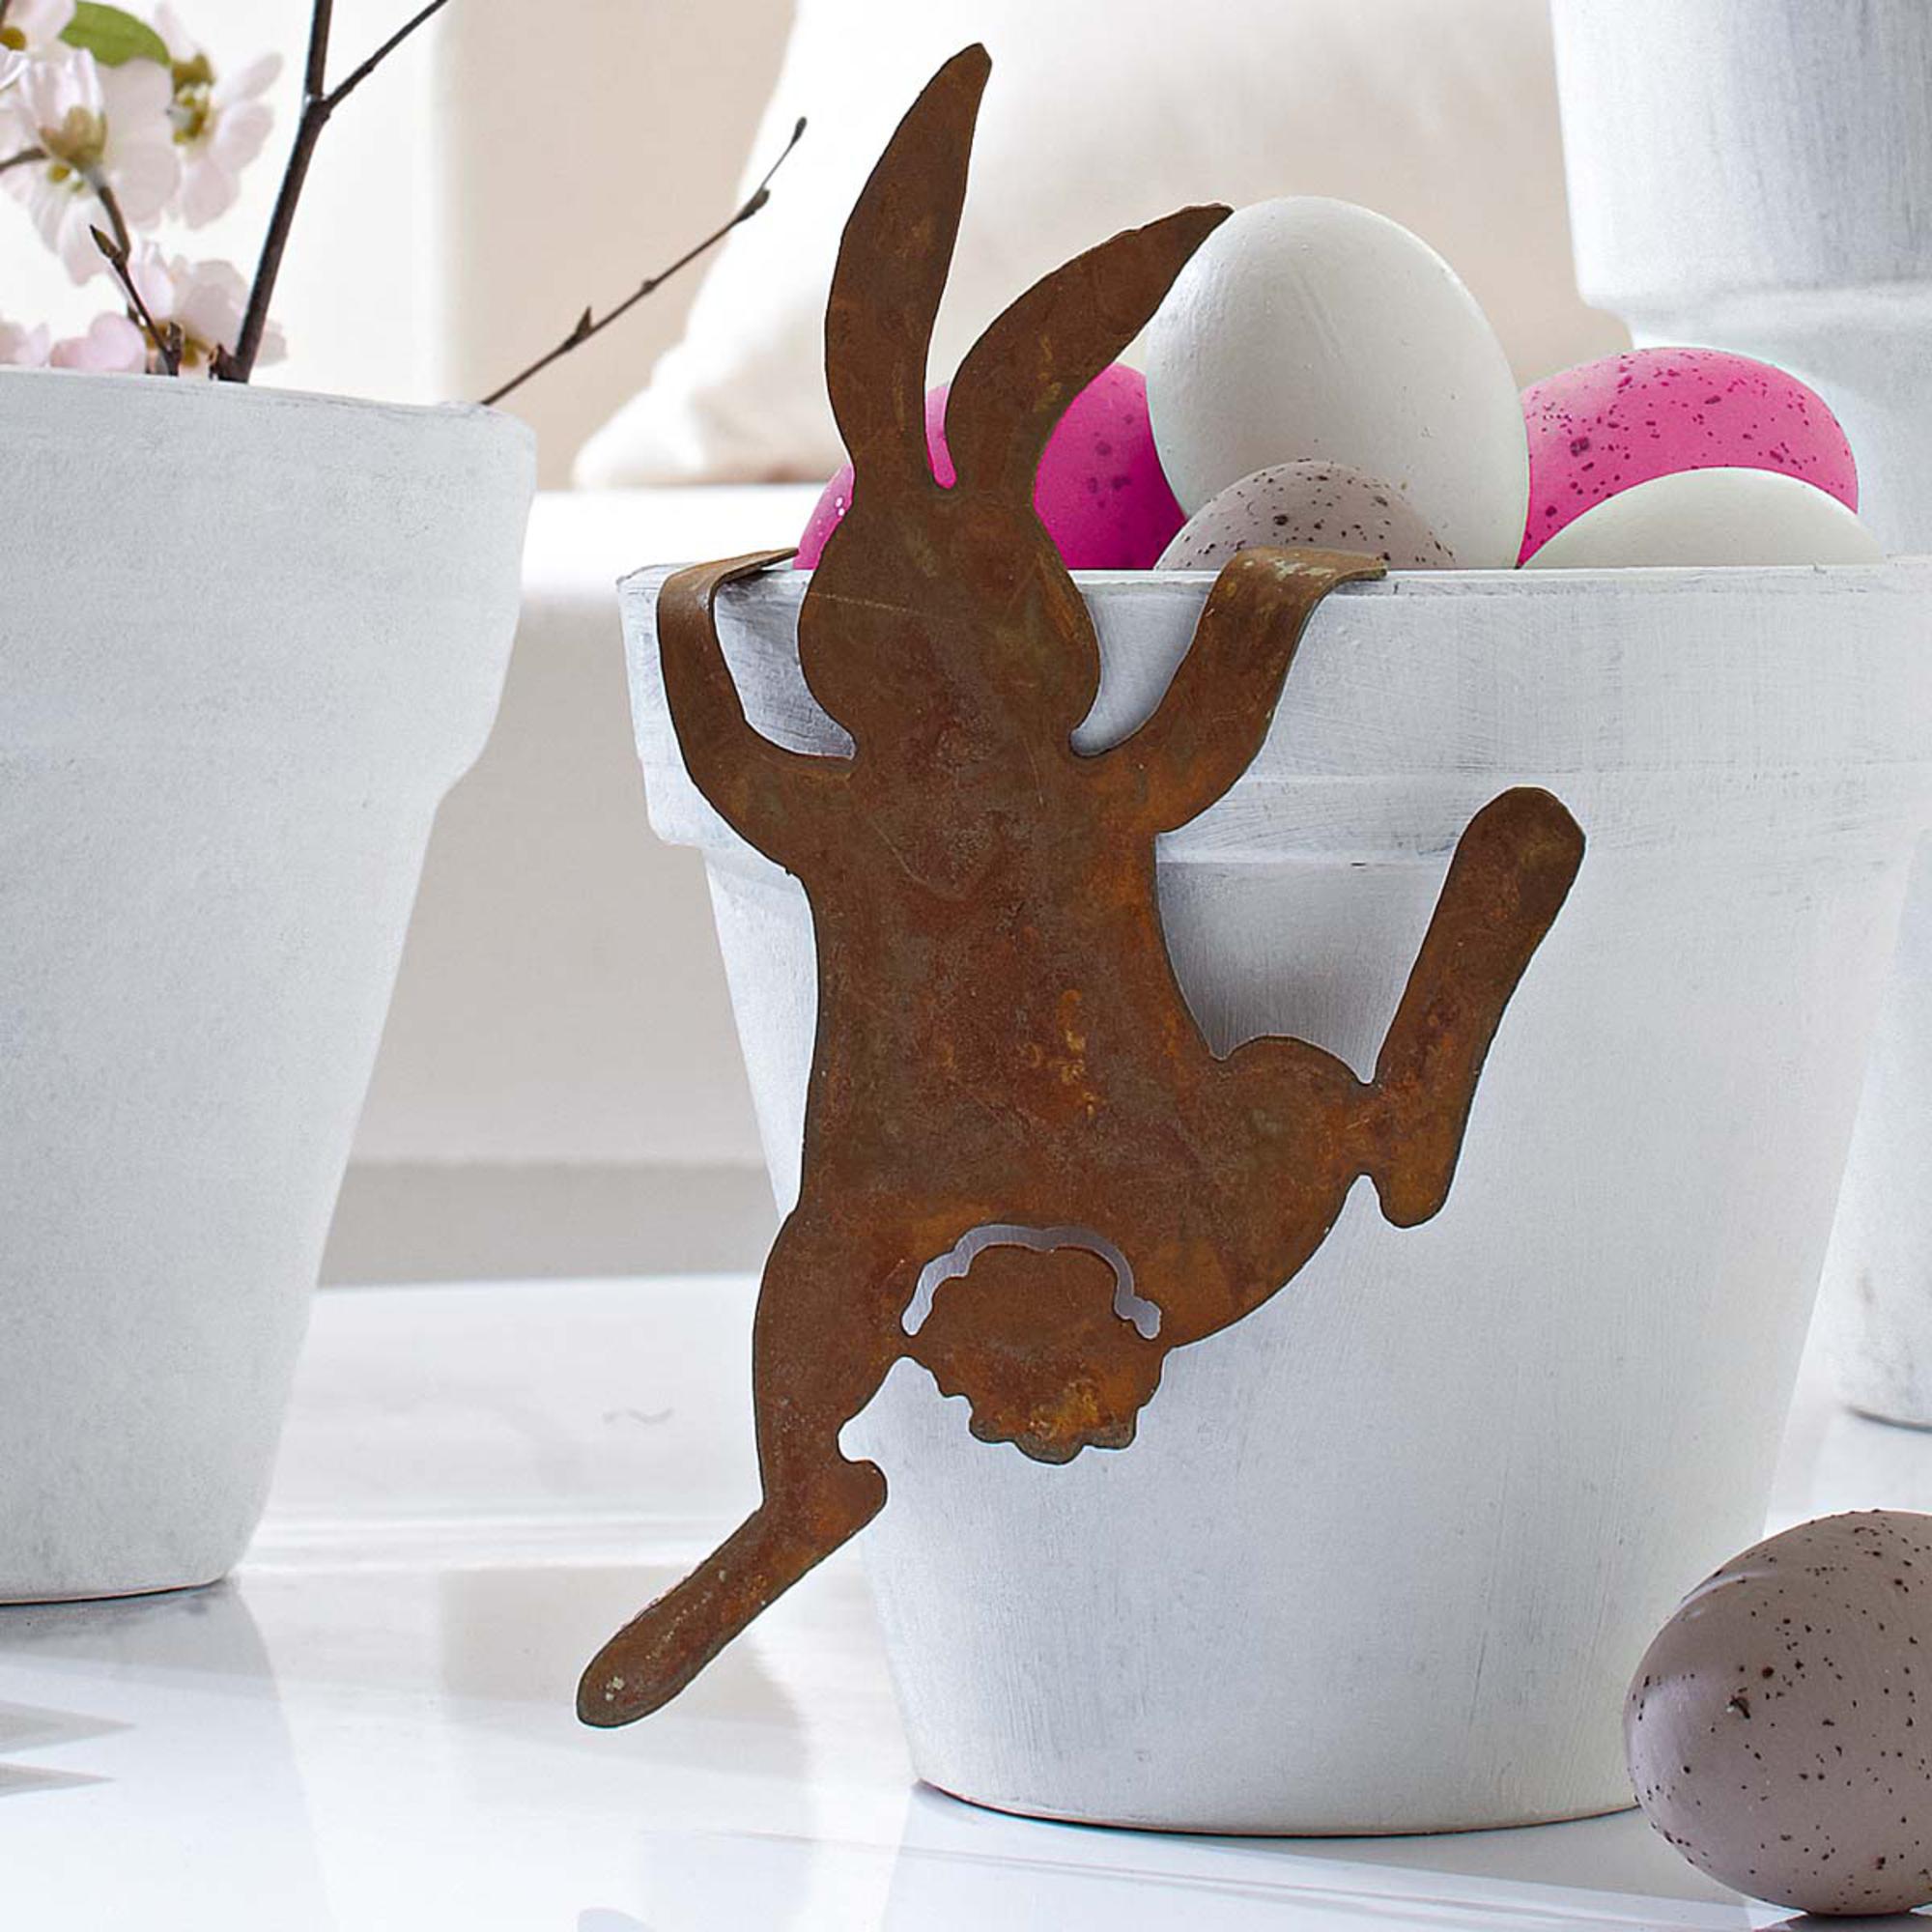 Inspiráló húsvéti dekoráció a tavasz fényében4